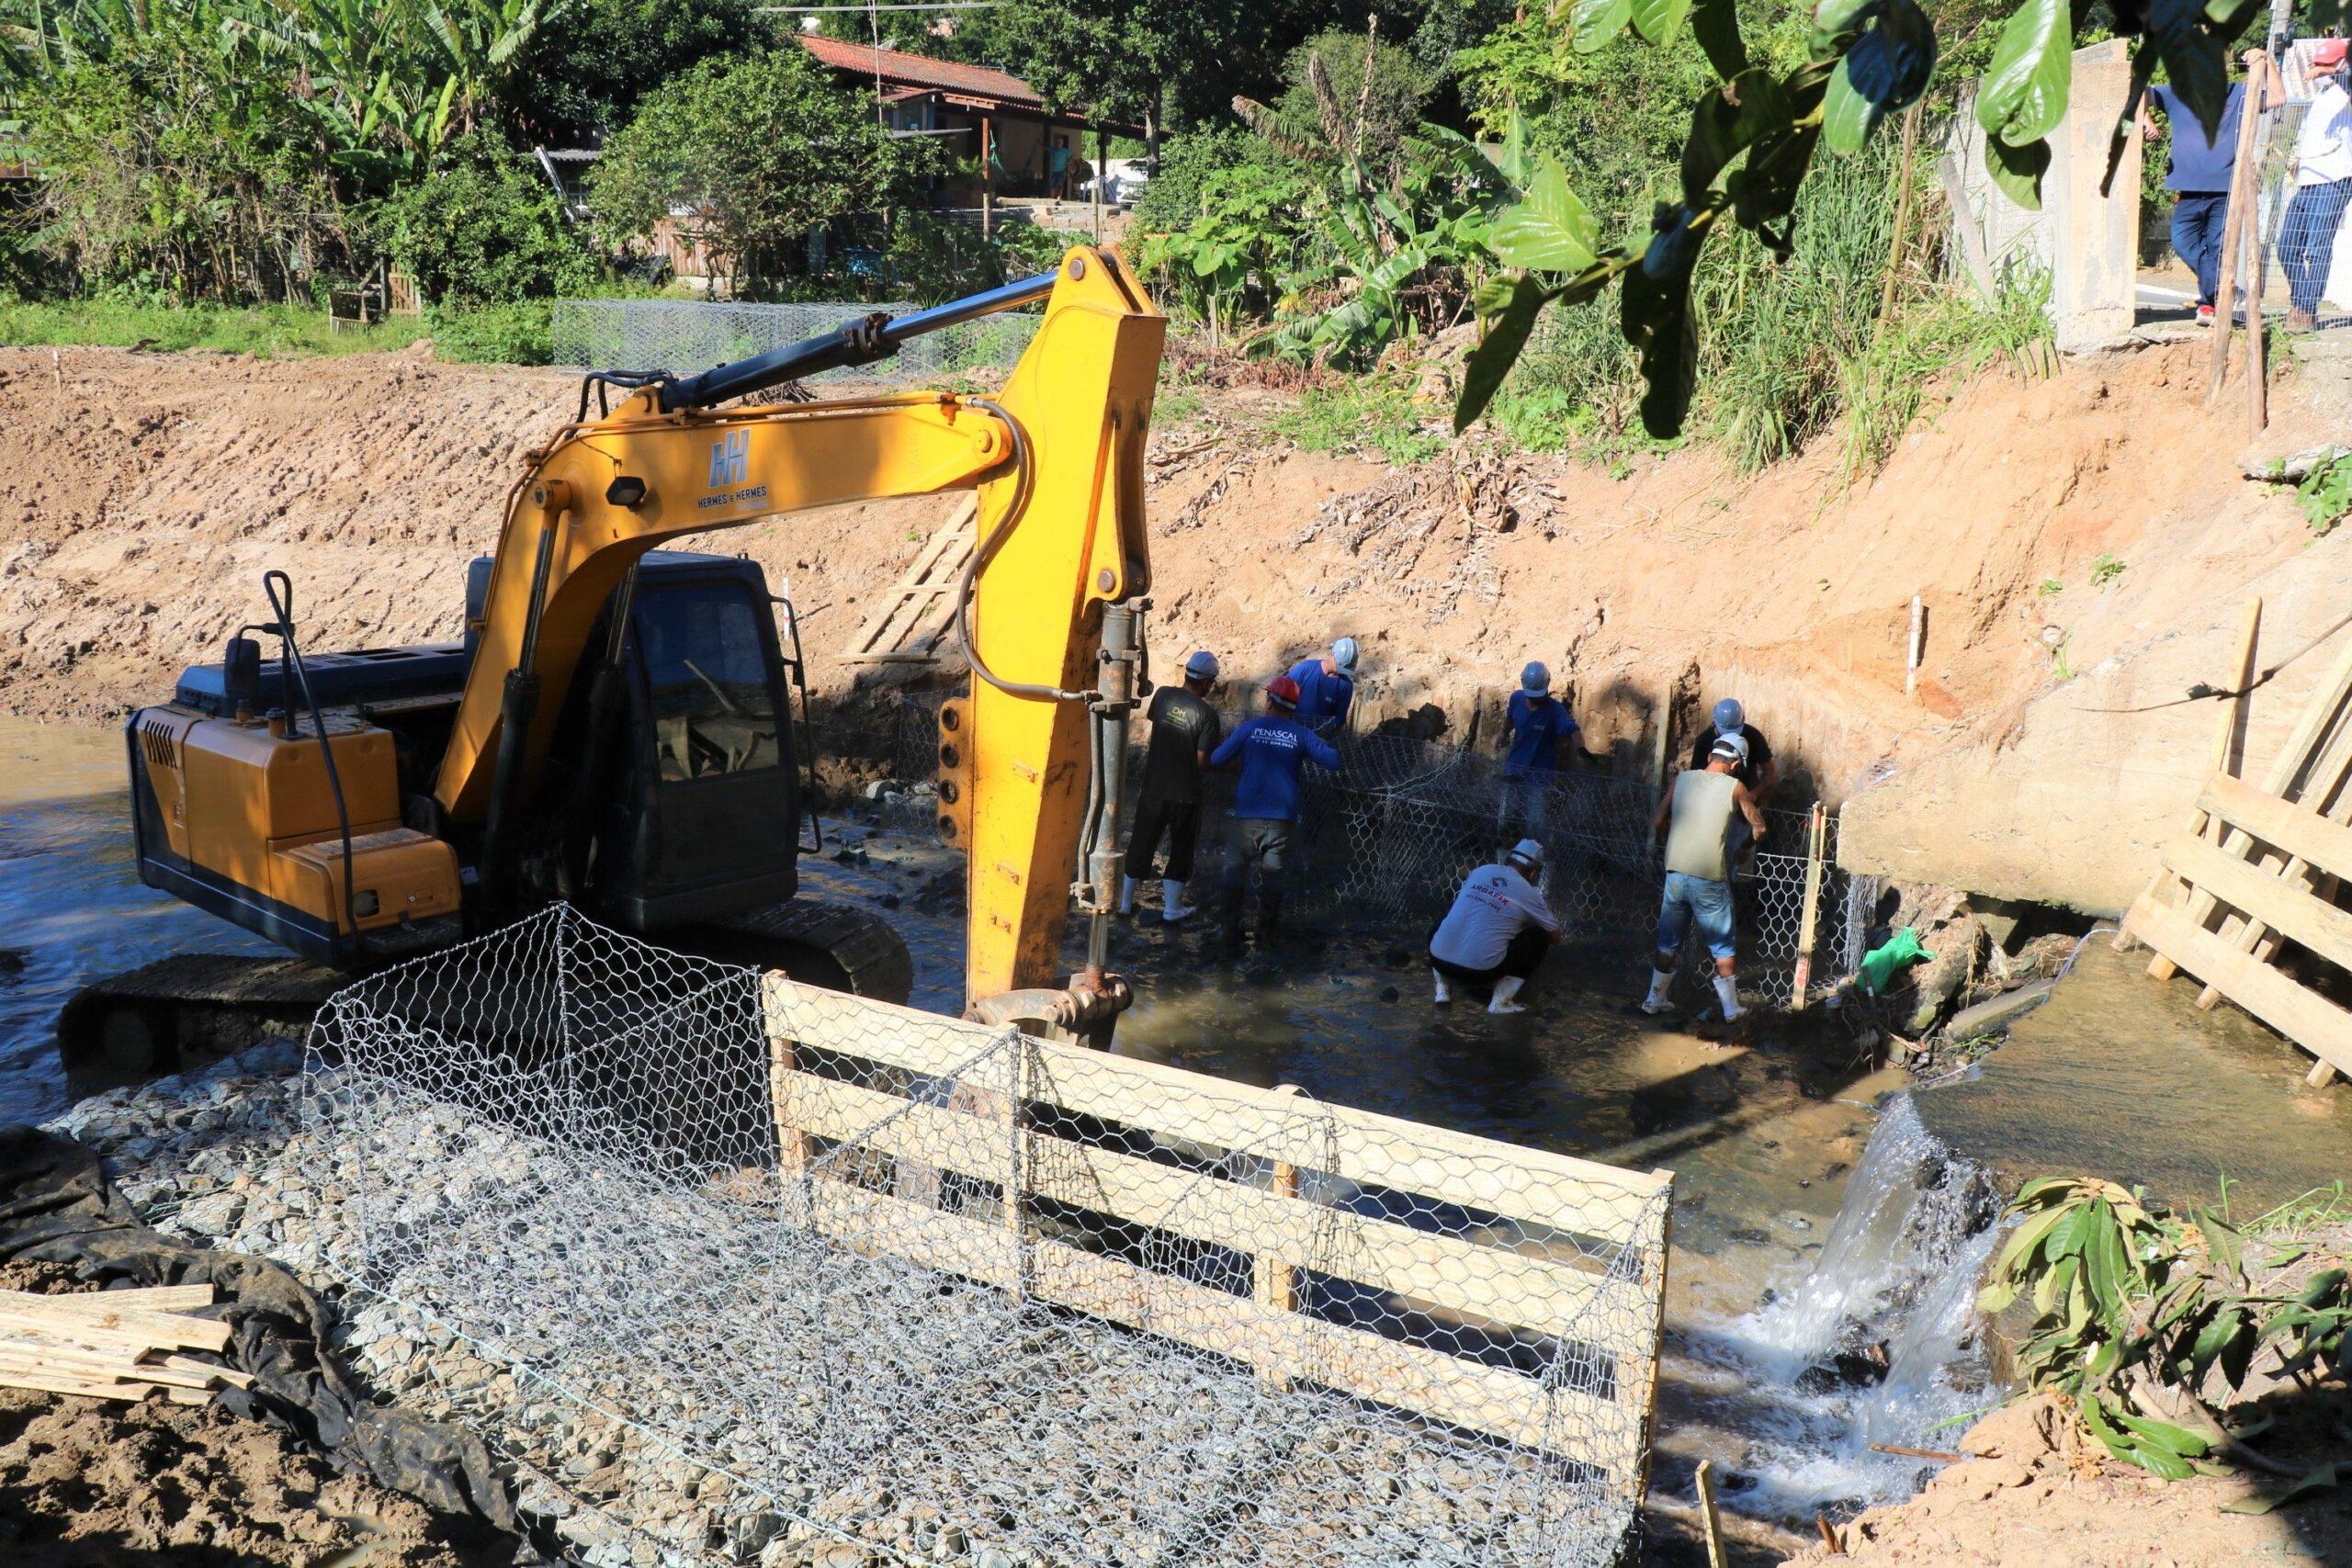 Obras no Rio das Ostras: Começa execução da estrutura de contenção na margem do Rio das Ostras